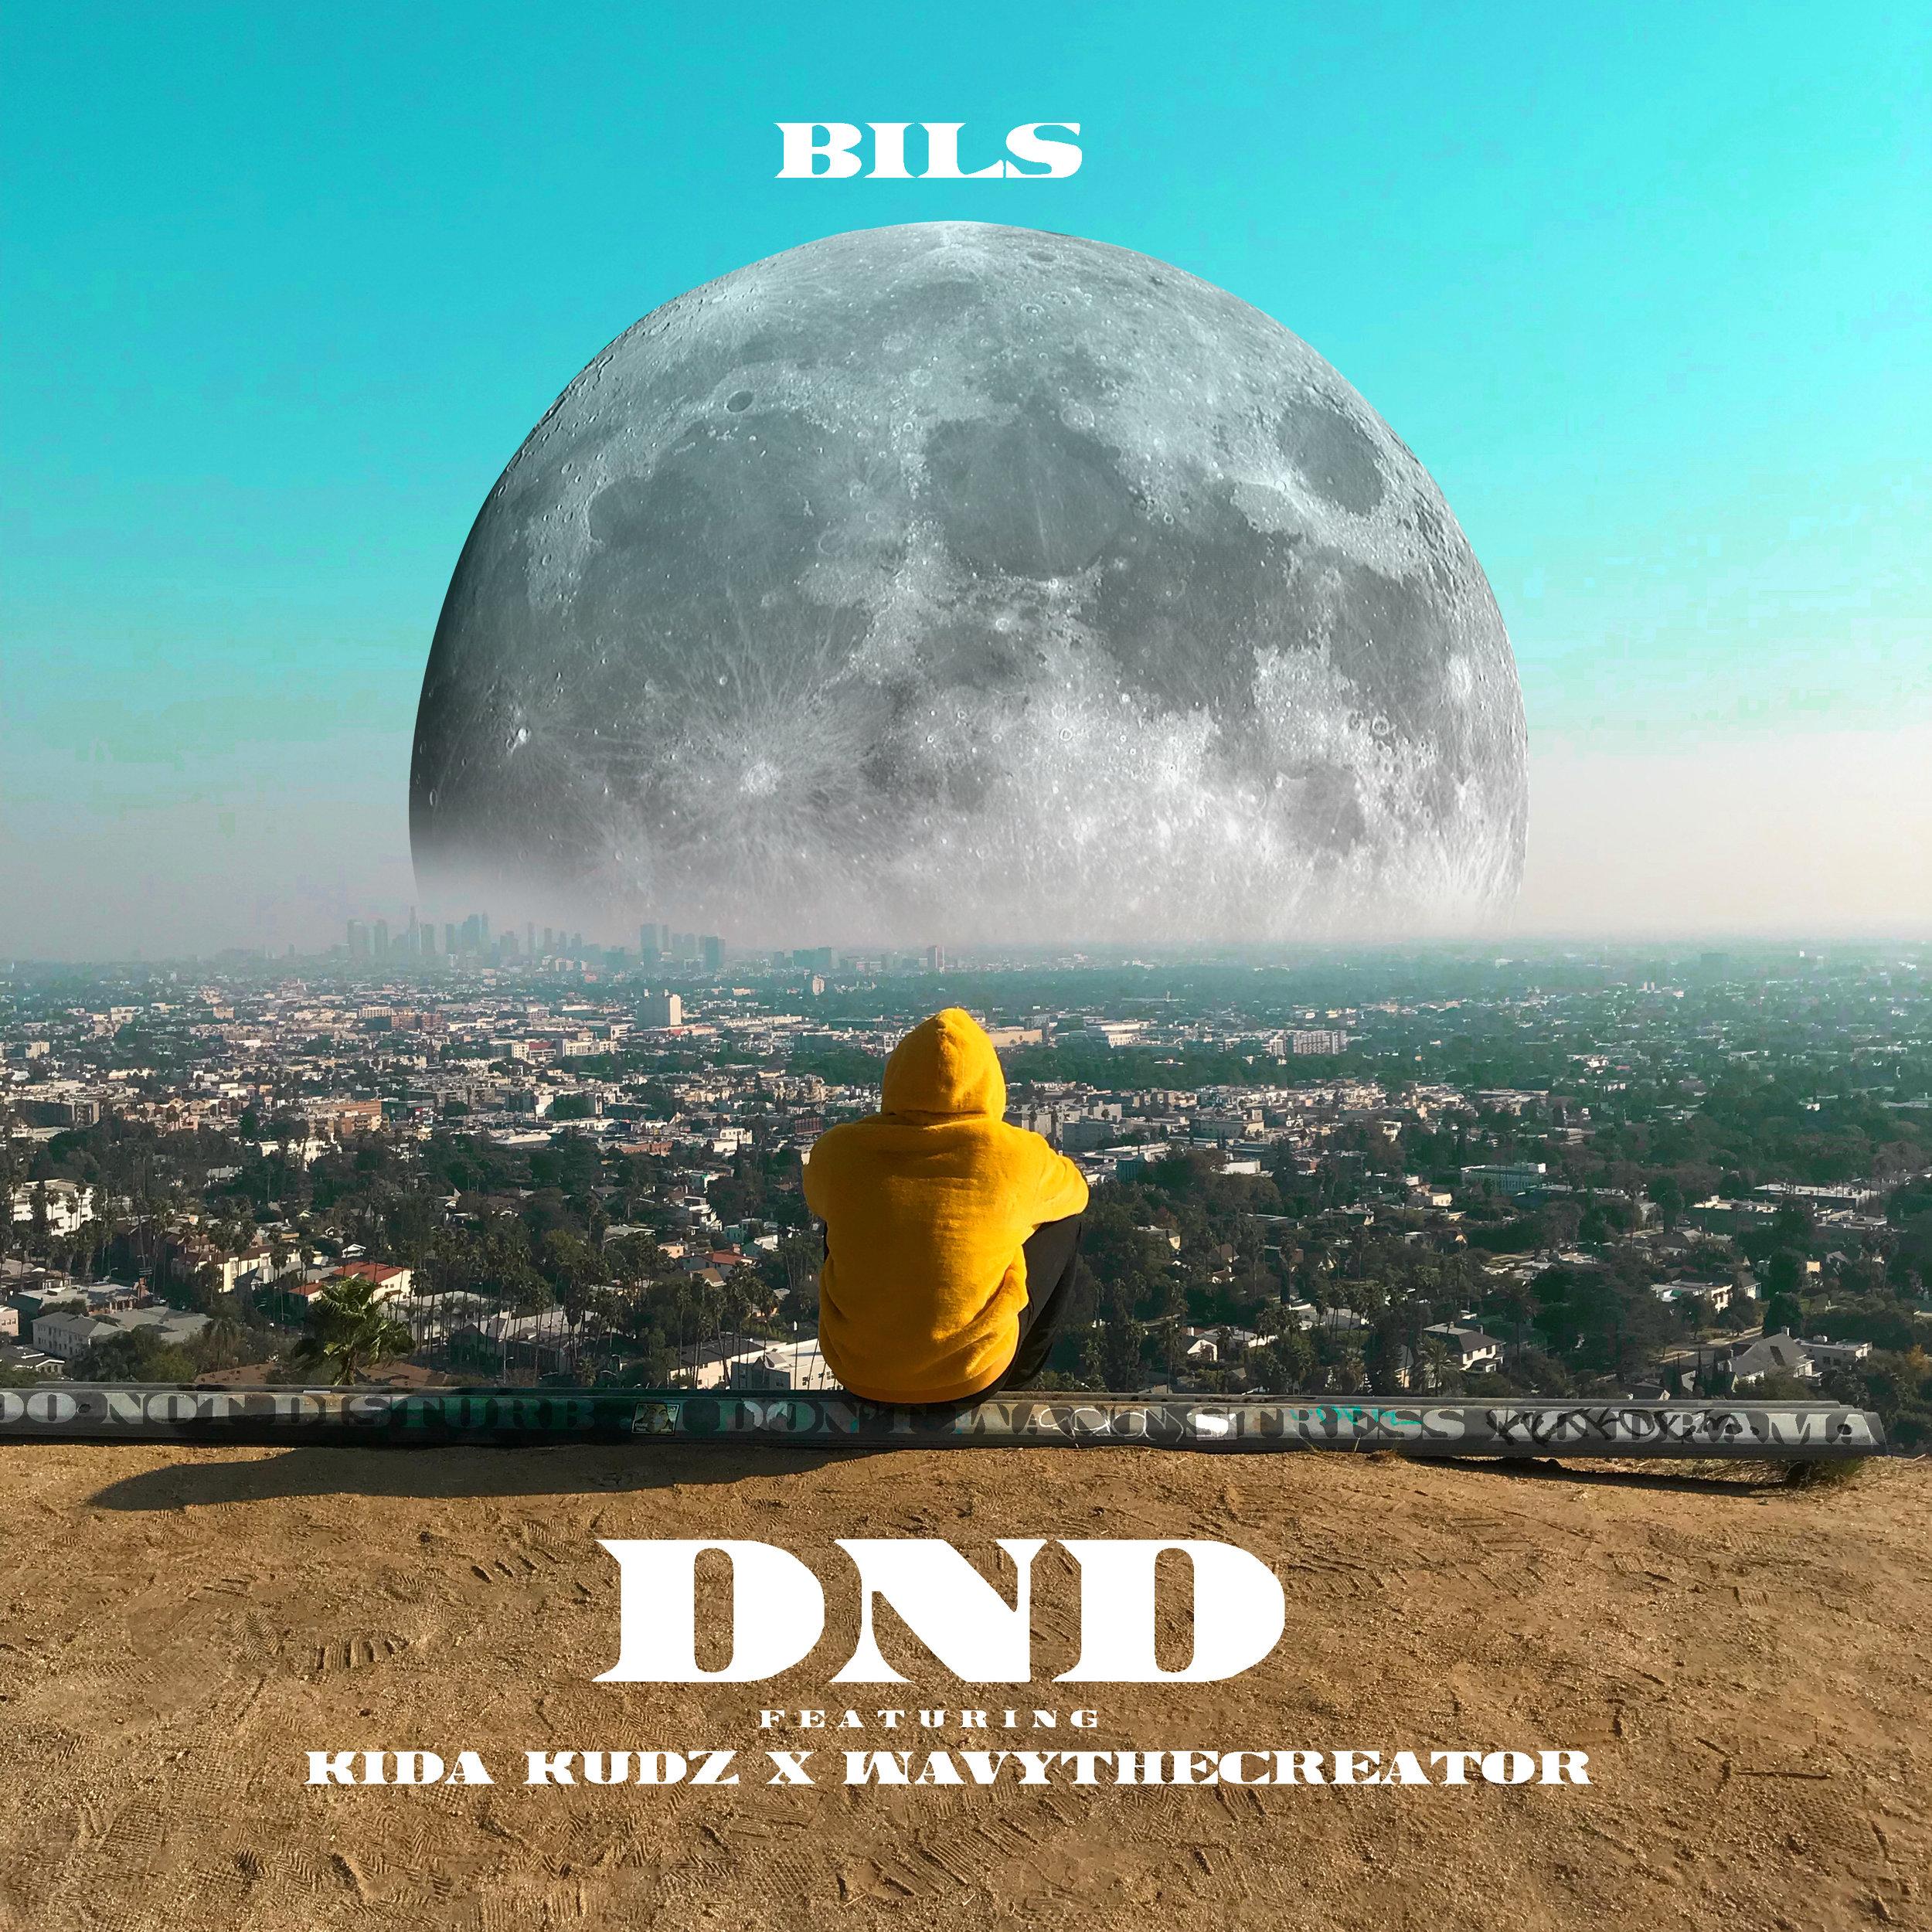 DND COVER ART.jpg